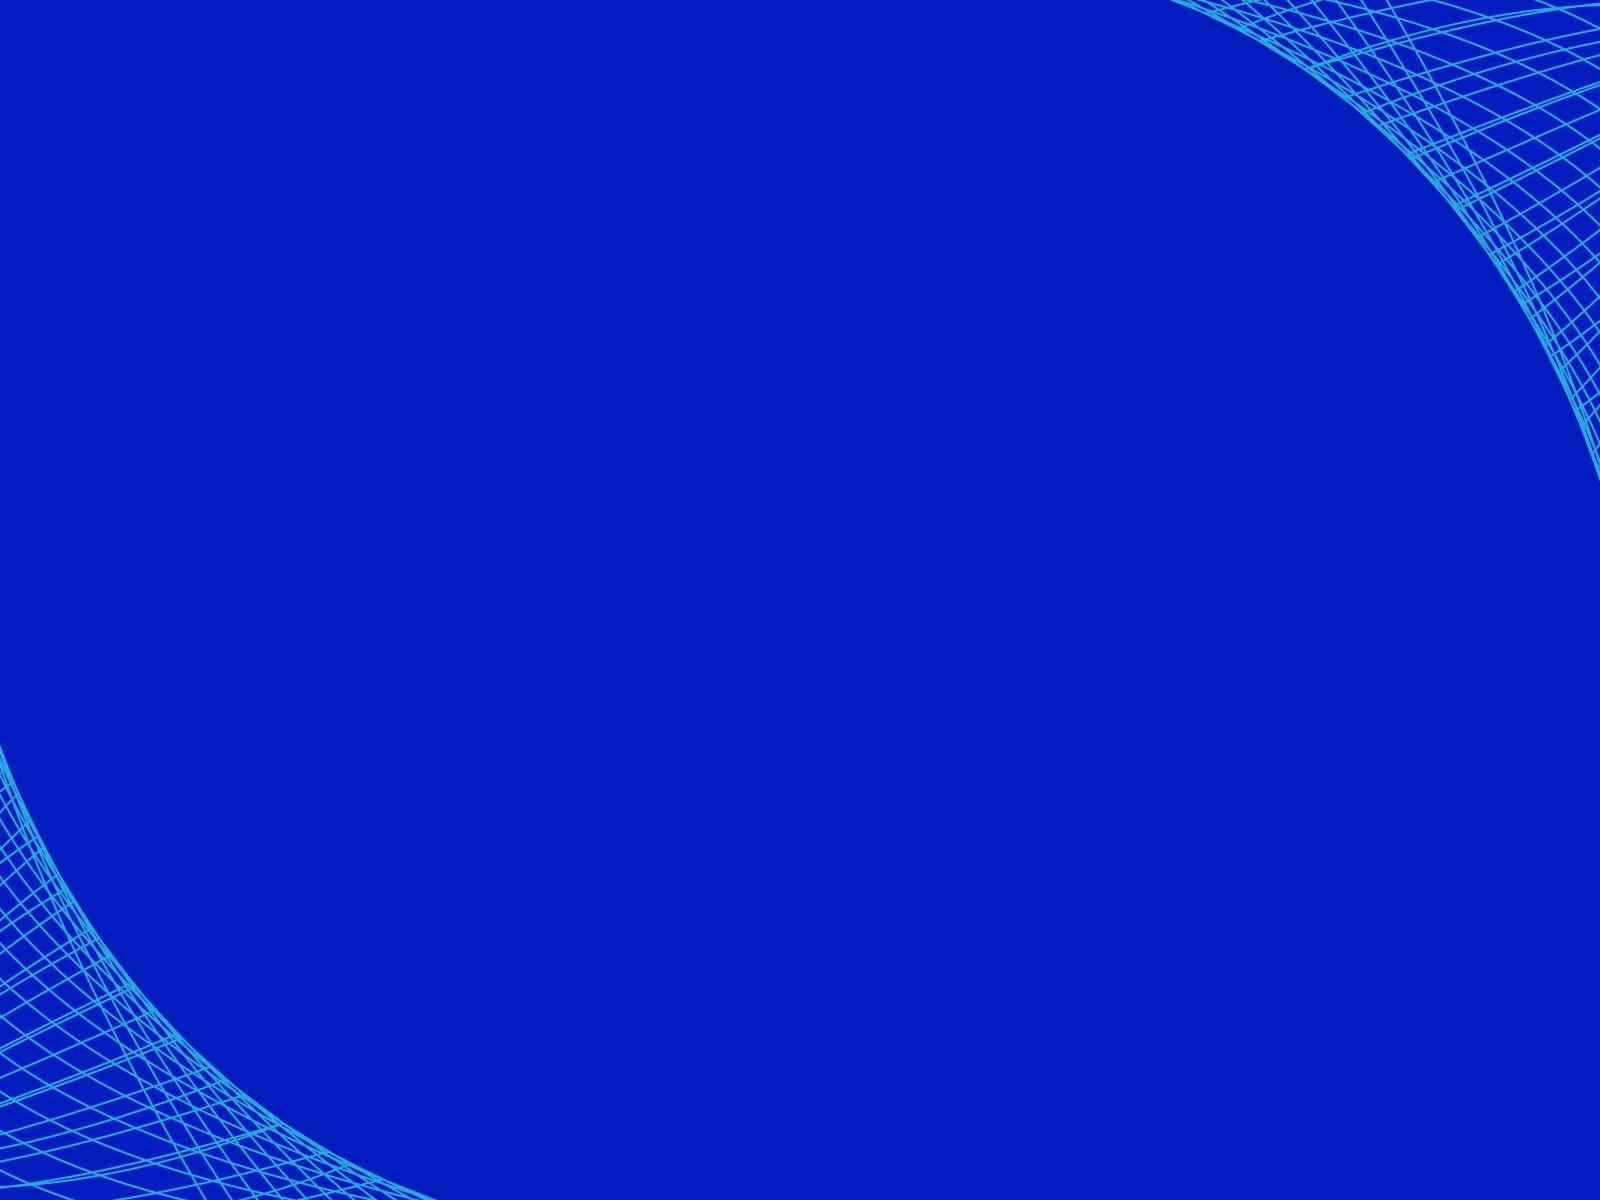 Backgroud Powerpoint thuyết trình đẹp - xanh dương đơn giản